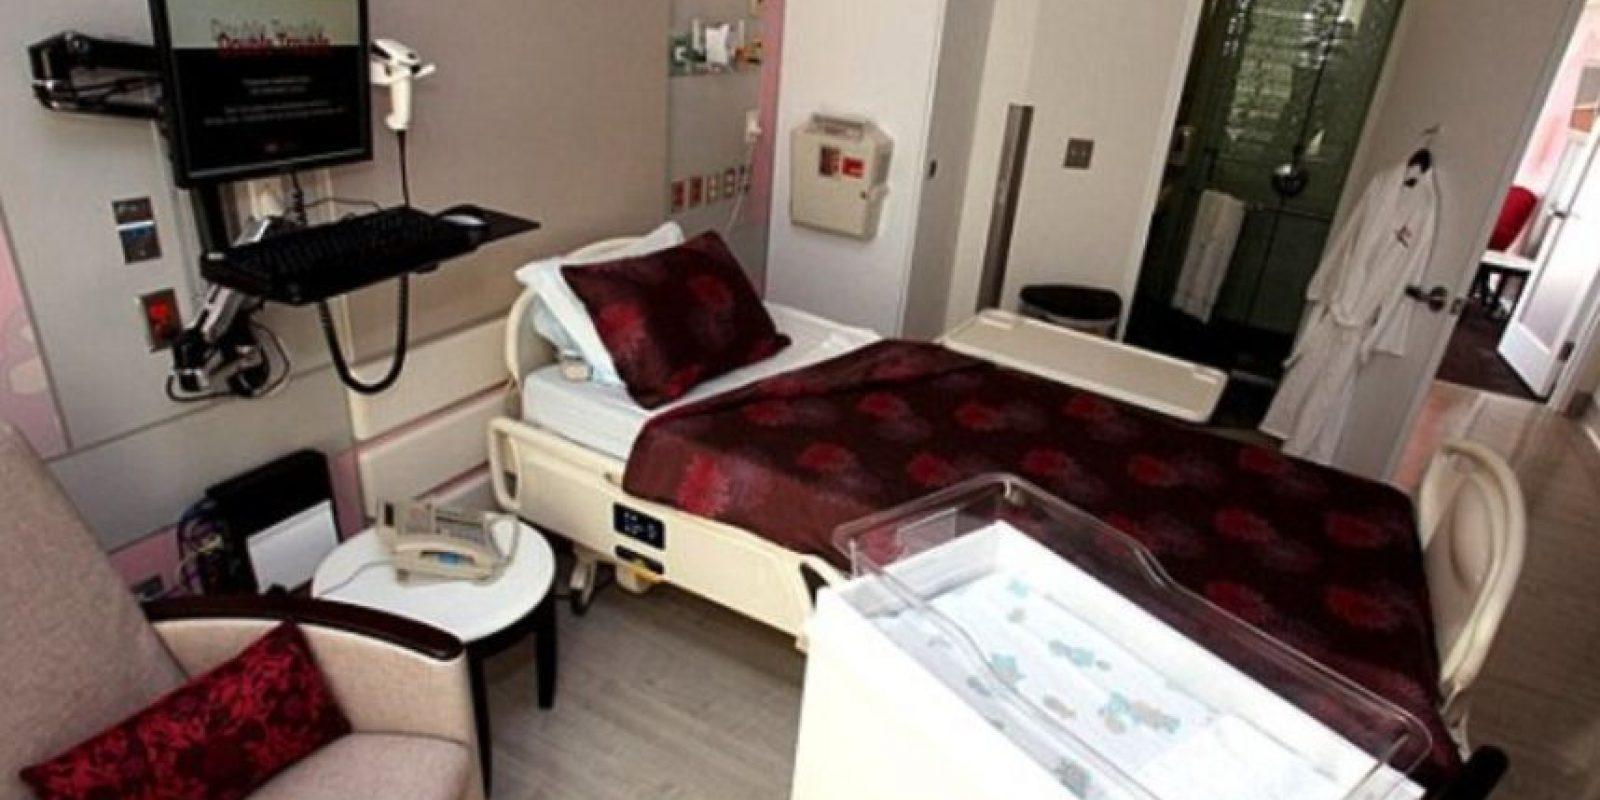 Así son las instalaciones en las que la Kim descansa con su retoño. Foto:Cedars Sinai